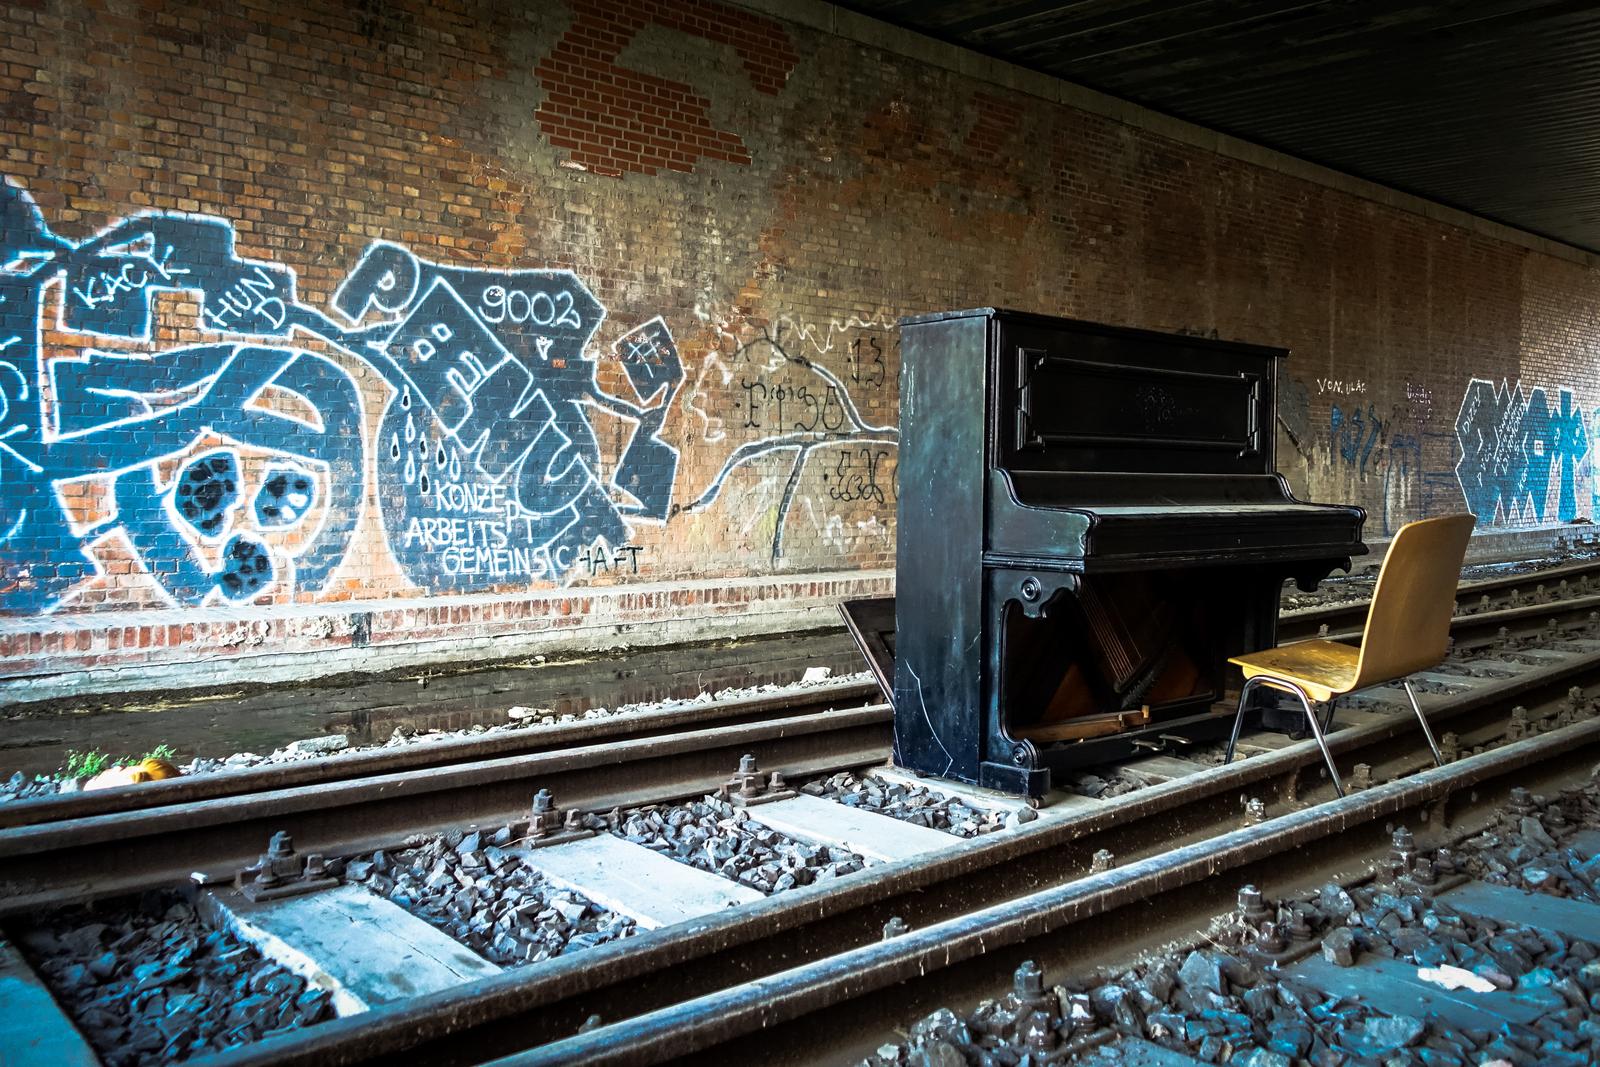 urbex & graffiti um den s-bahnhof sonnenallee, berlin